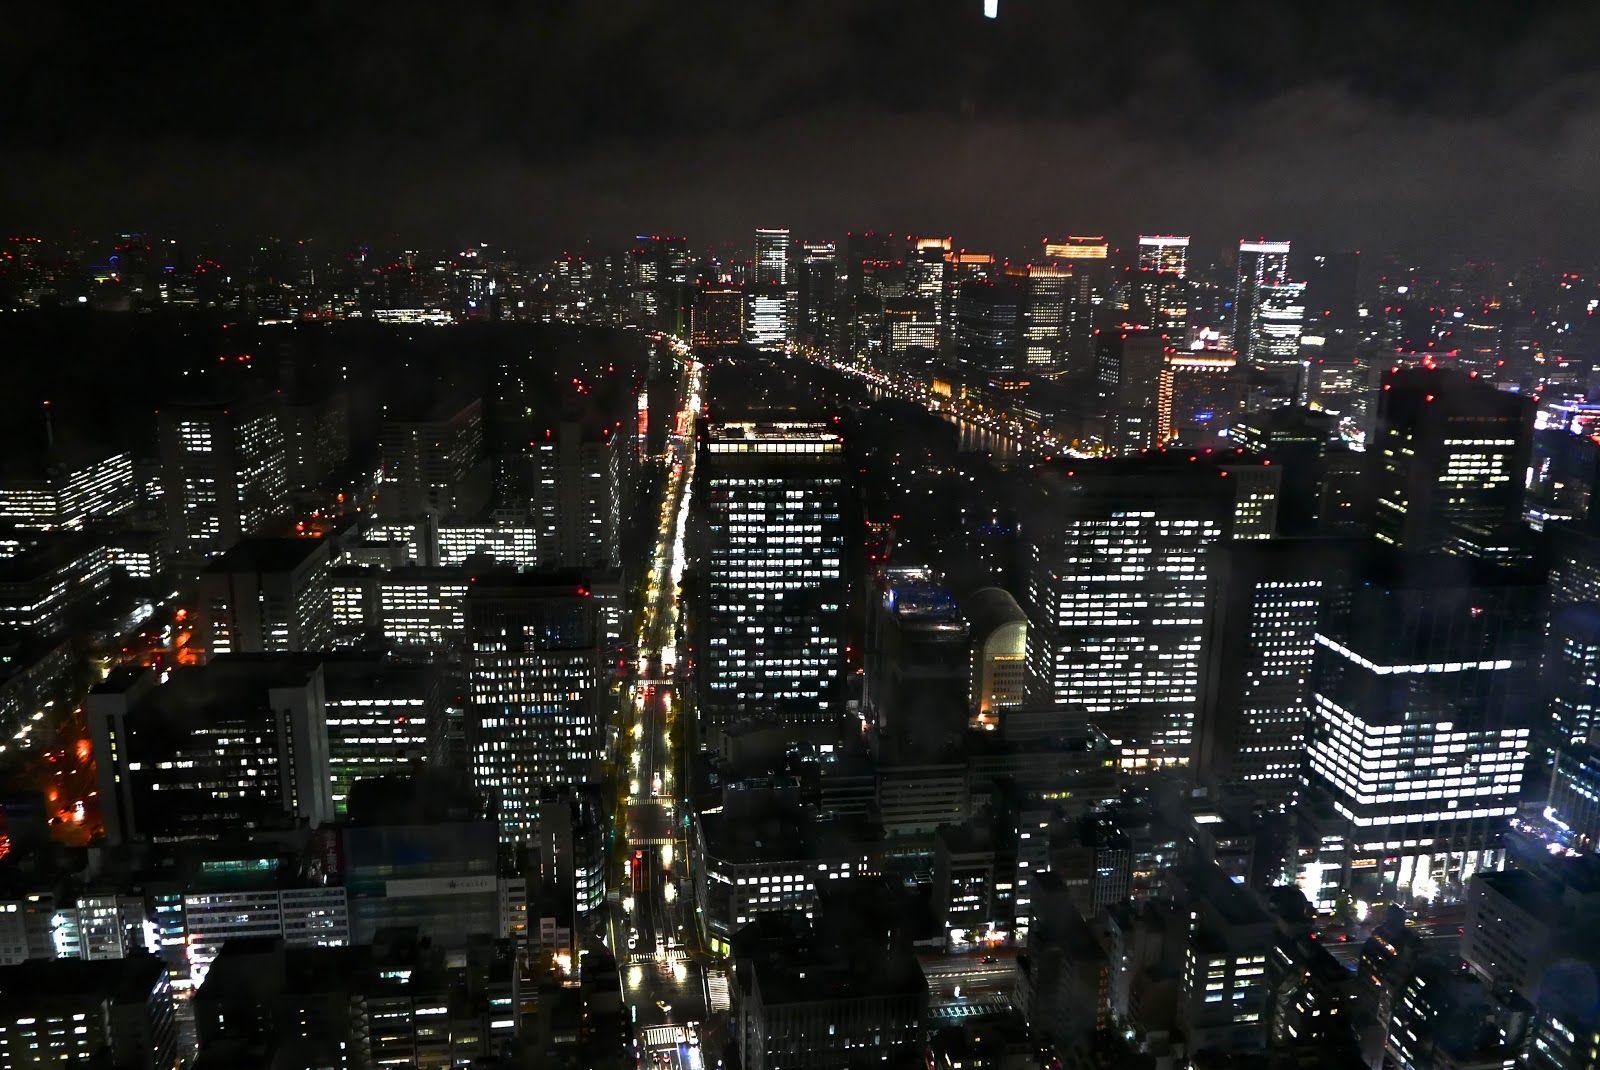 「時空トラベラー」 The Time Traveler's Photo Essay : 東京の夜景 Night Skyline of Tokyo